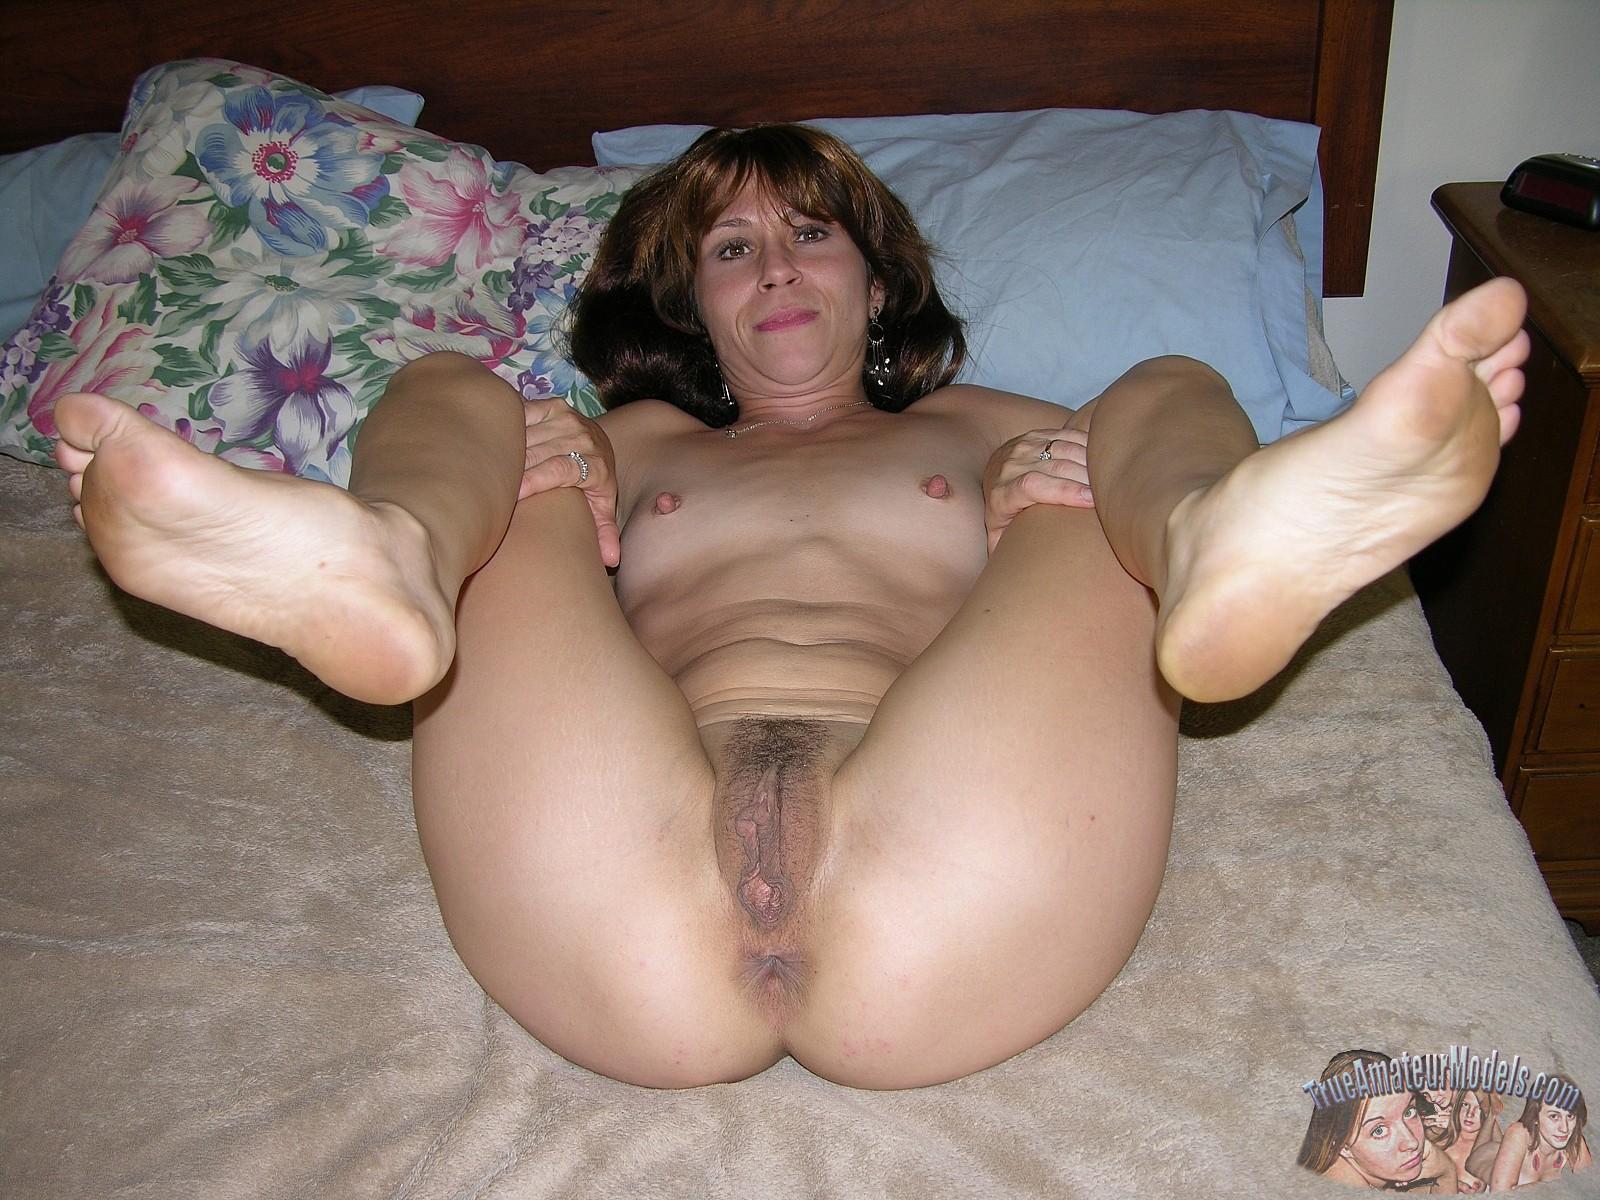 true amateur milf nude